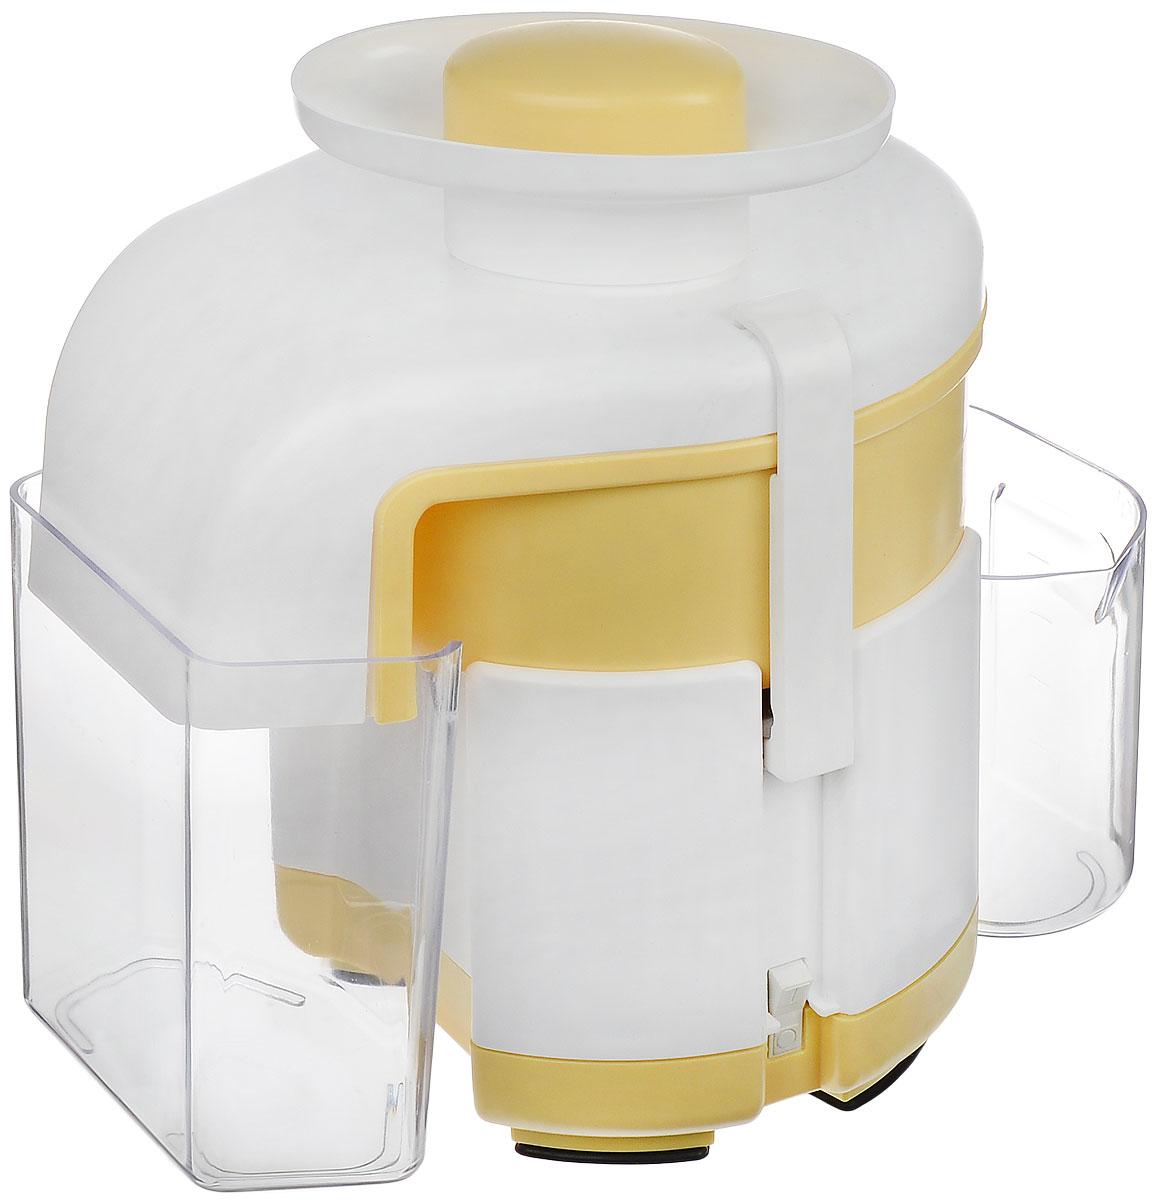 Журавинка СВСП 102 П, White Yellow соковыжималкаСК СВСП 102ПЖуравинка СВСП 102 П - персональная соковыжималка с ручным сбросом жмыха, который позволяет выжать весь сок до последней капли. Неограниченное время работы дает возможность отжимать любое количество сока за один раз. Простая сборка и уход. В данной ценовой категории модель находится вне конкуренции. Достаточно высокая производительность позволяет применять соковыжималку при сезонной заготовке сока, а сравнительно небольшие габариты и масса делают ее удобной и при ежедневном использовании. Производительность: 550 г/мин